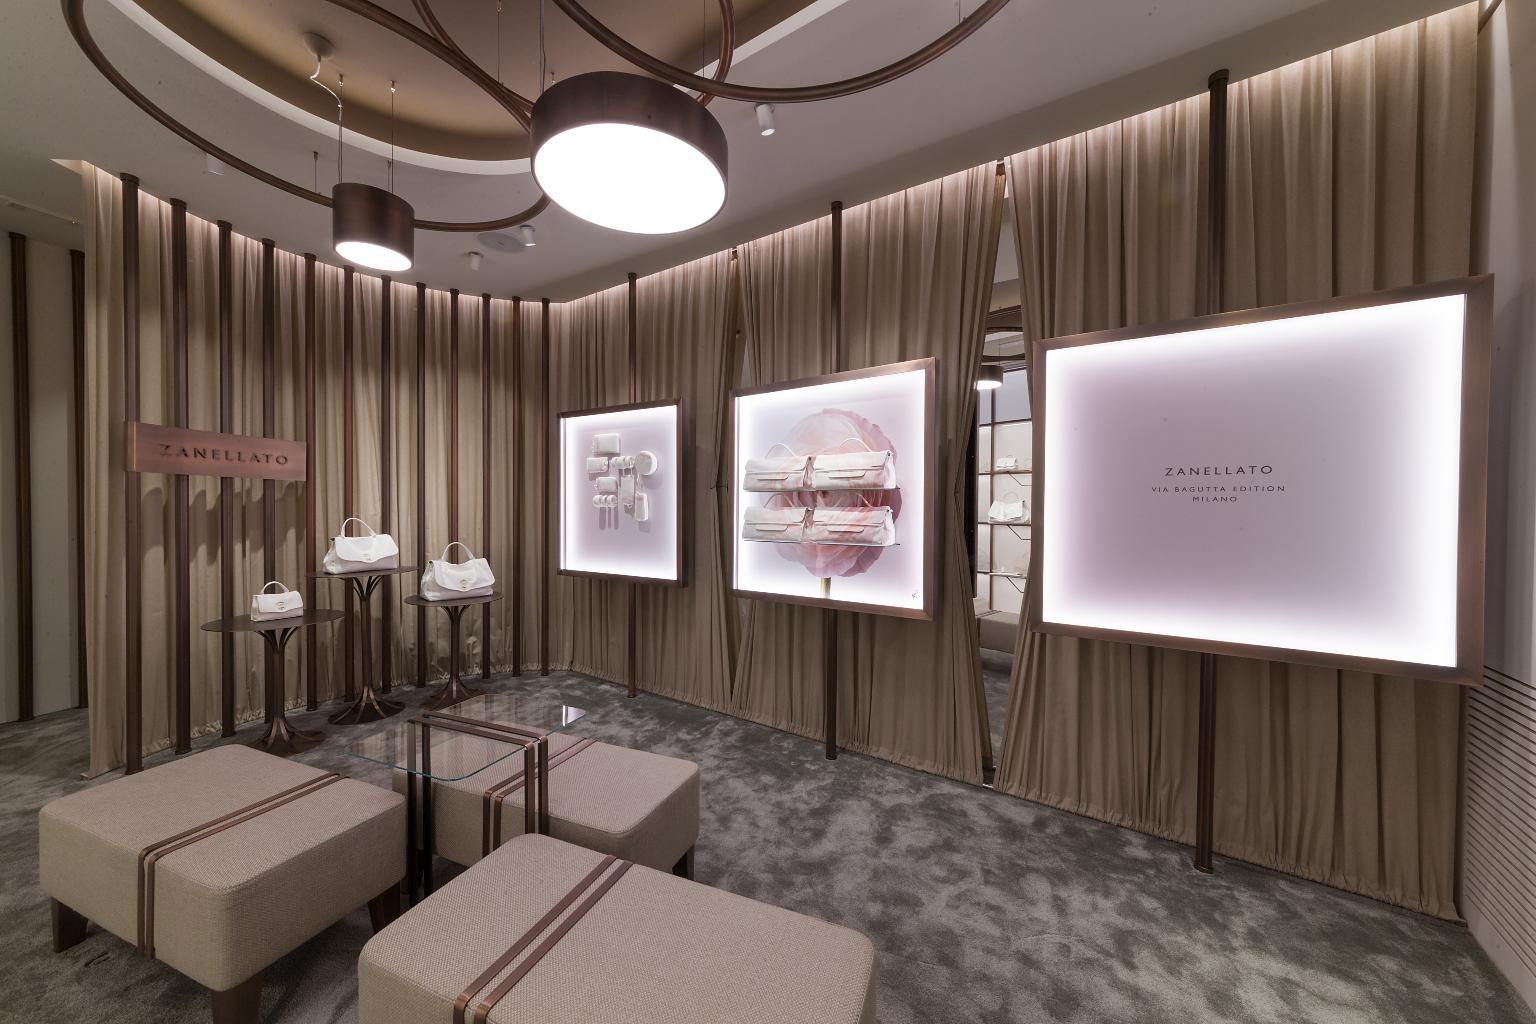 Zanellato apre la sua prima boutique al mondo theoldnow for Zanellato milano